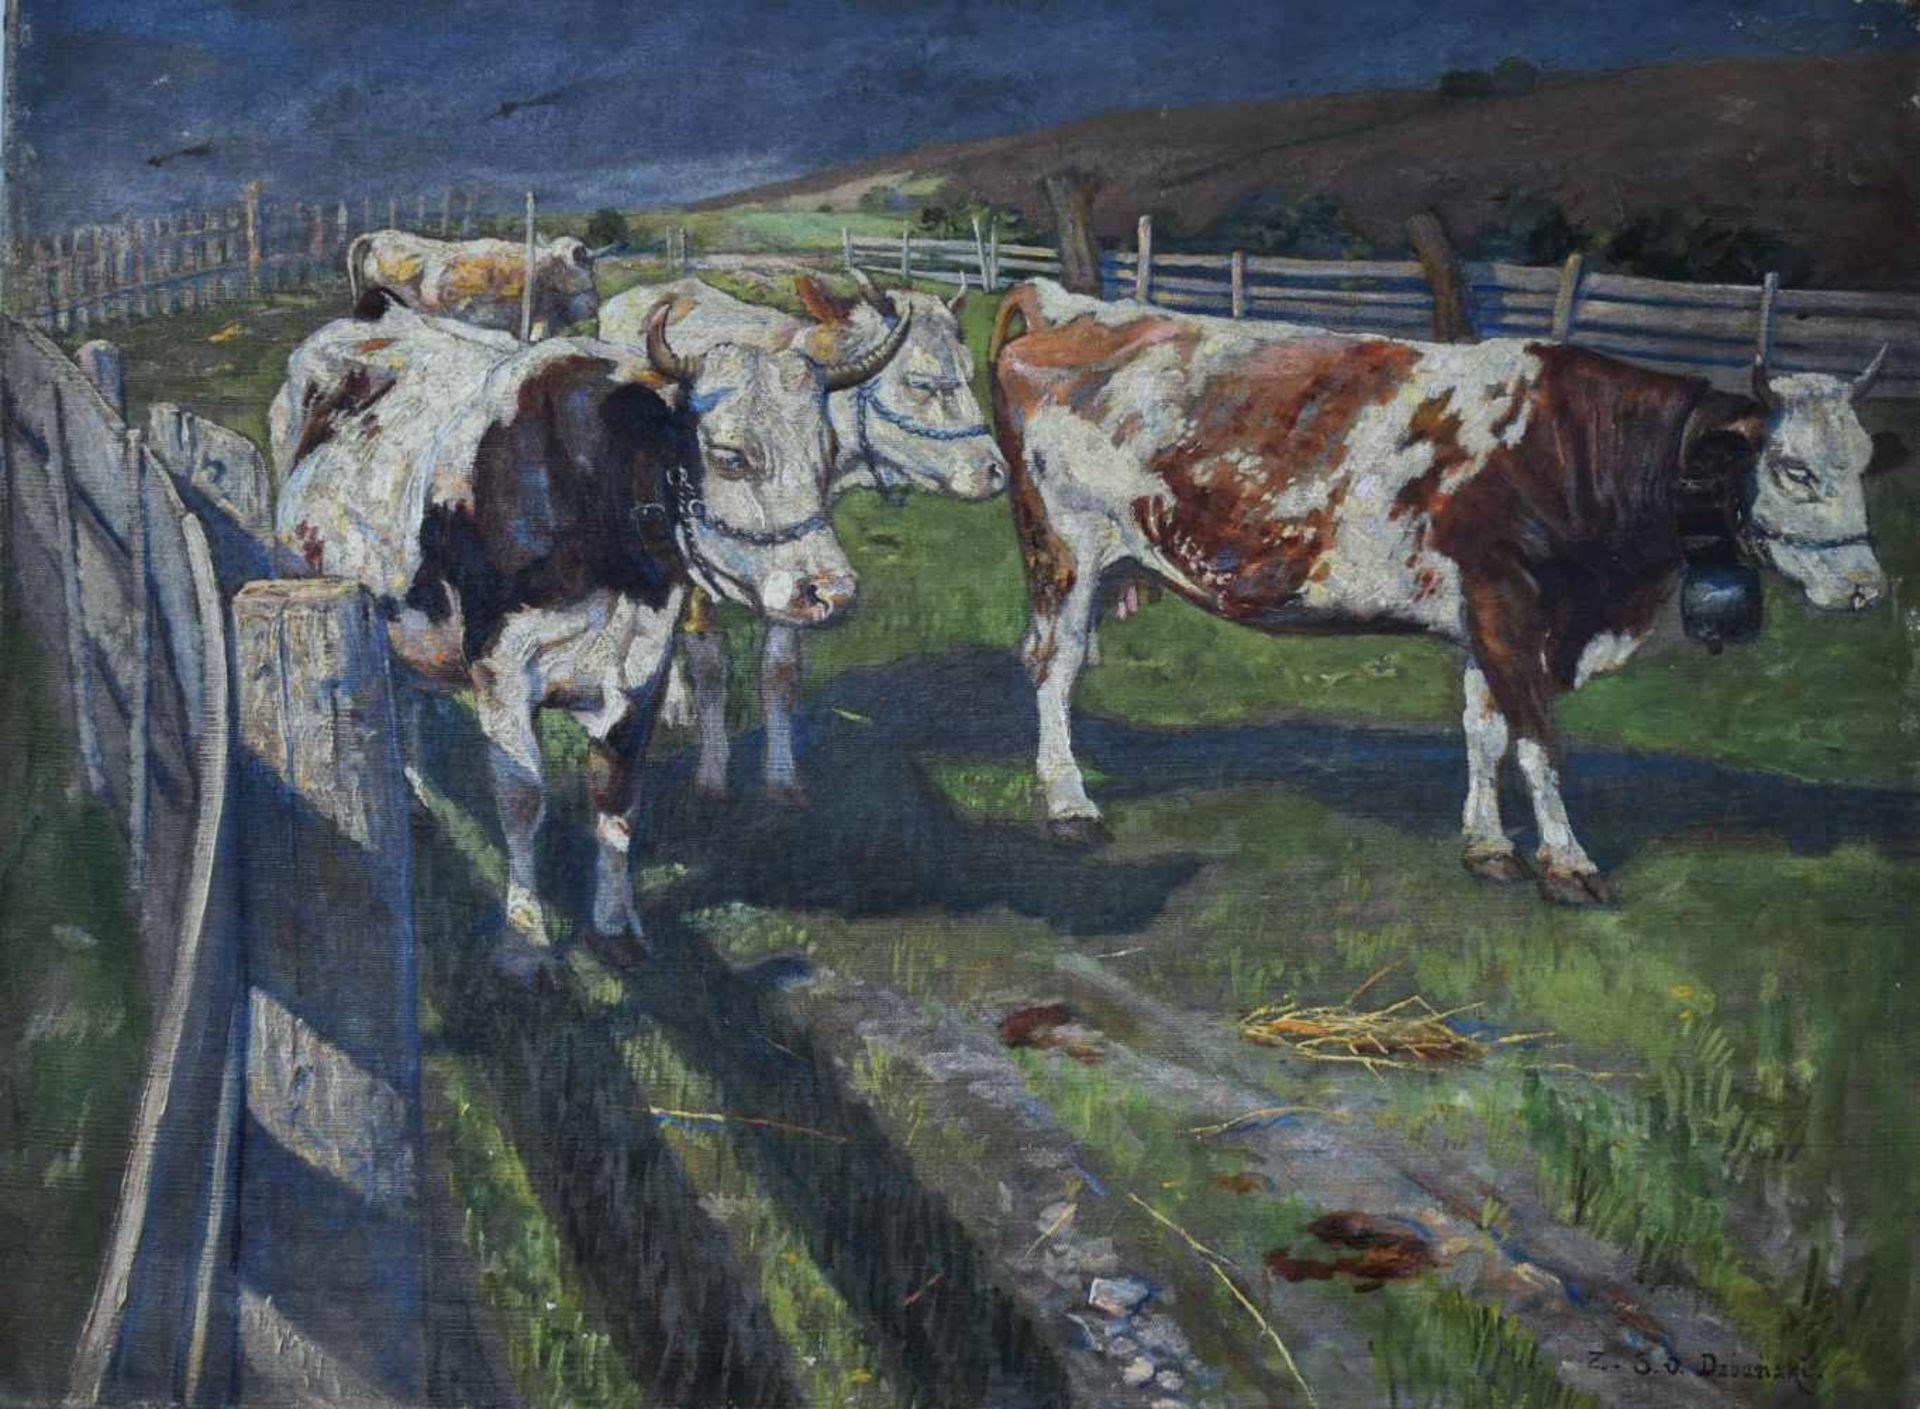 """Zygmunt Sixtus Dzbański (1874-1942) """"Krowy"""", źródło: Auktionshaus Weiner"""